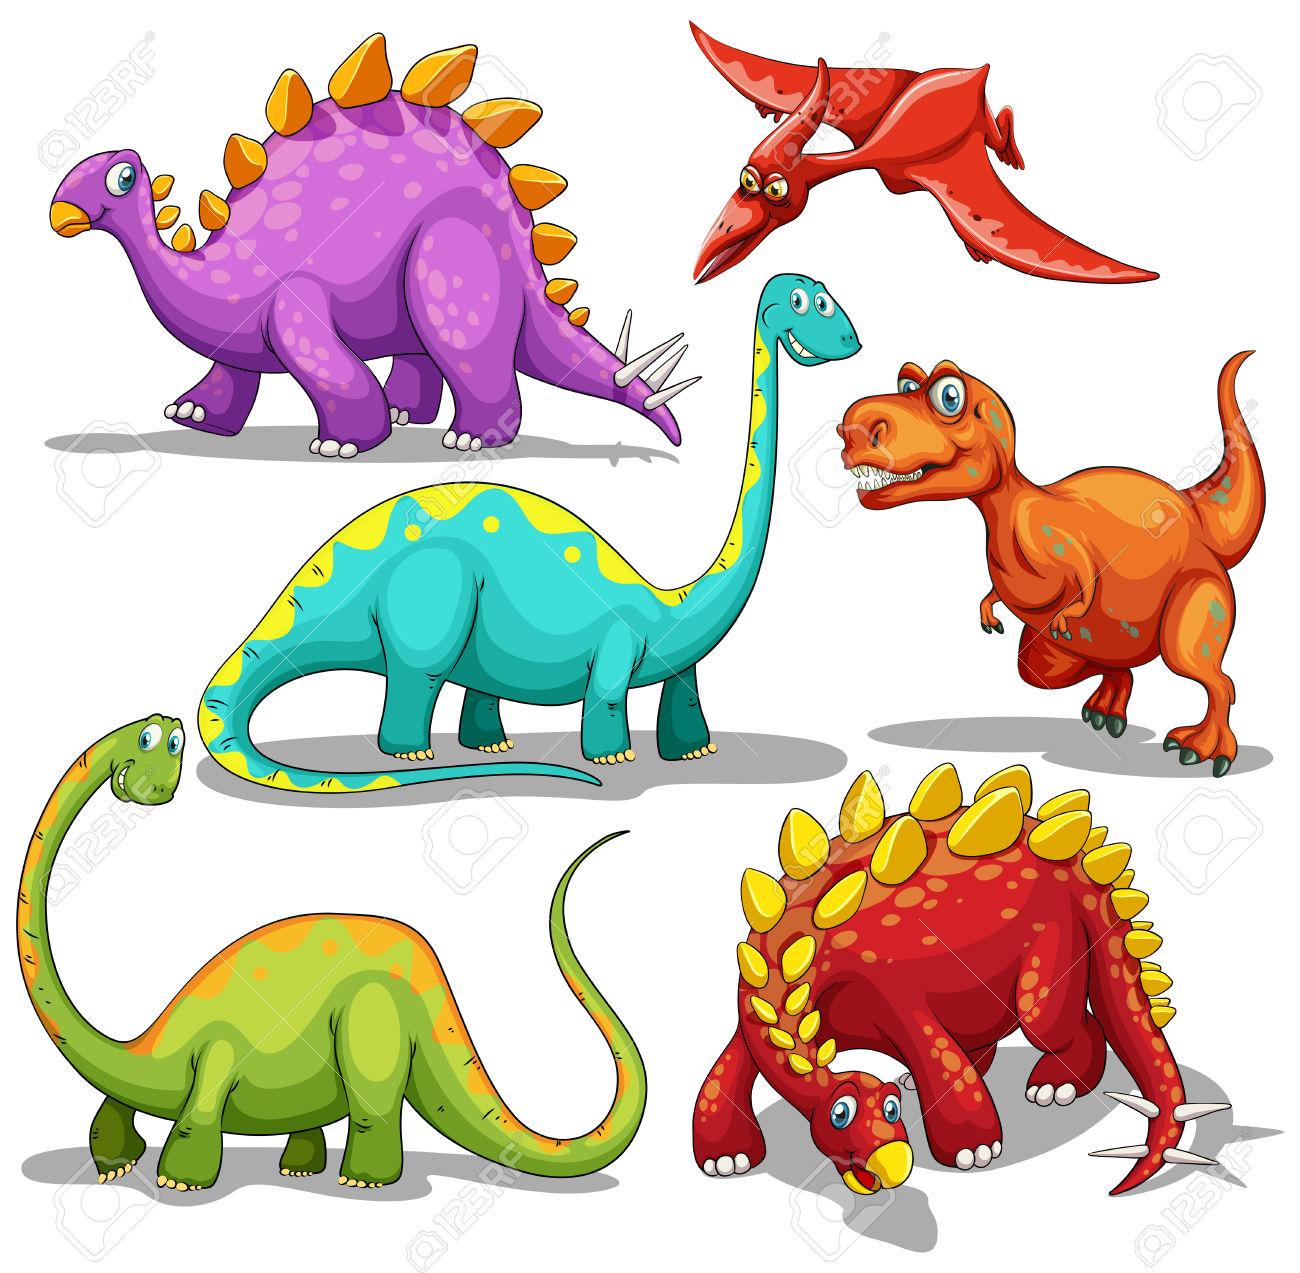 Dinosuars clipart jpg download Dinosaur Clipart | Free download best Dinosaur Clipart on ClipArtMag.com jpg download